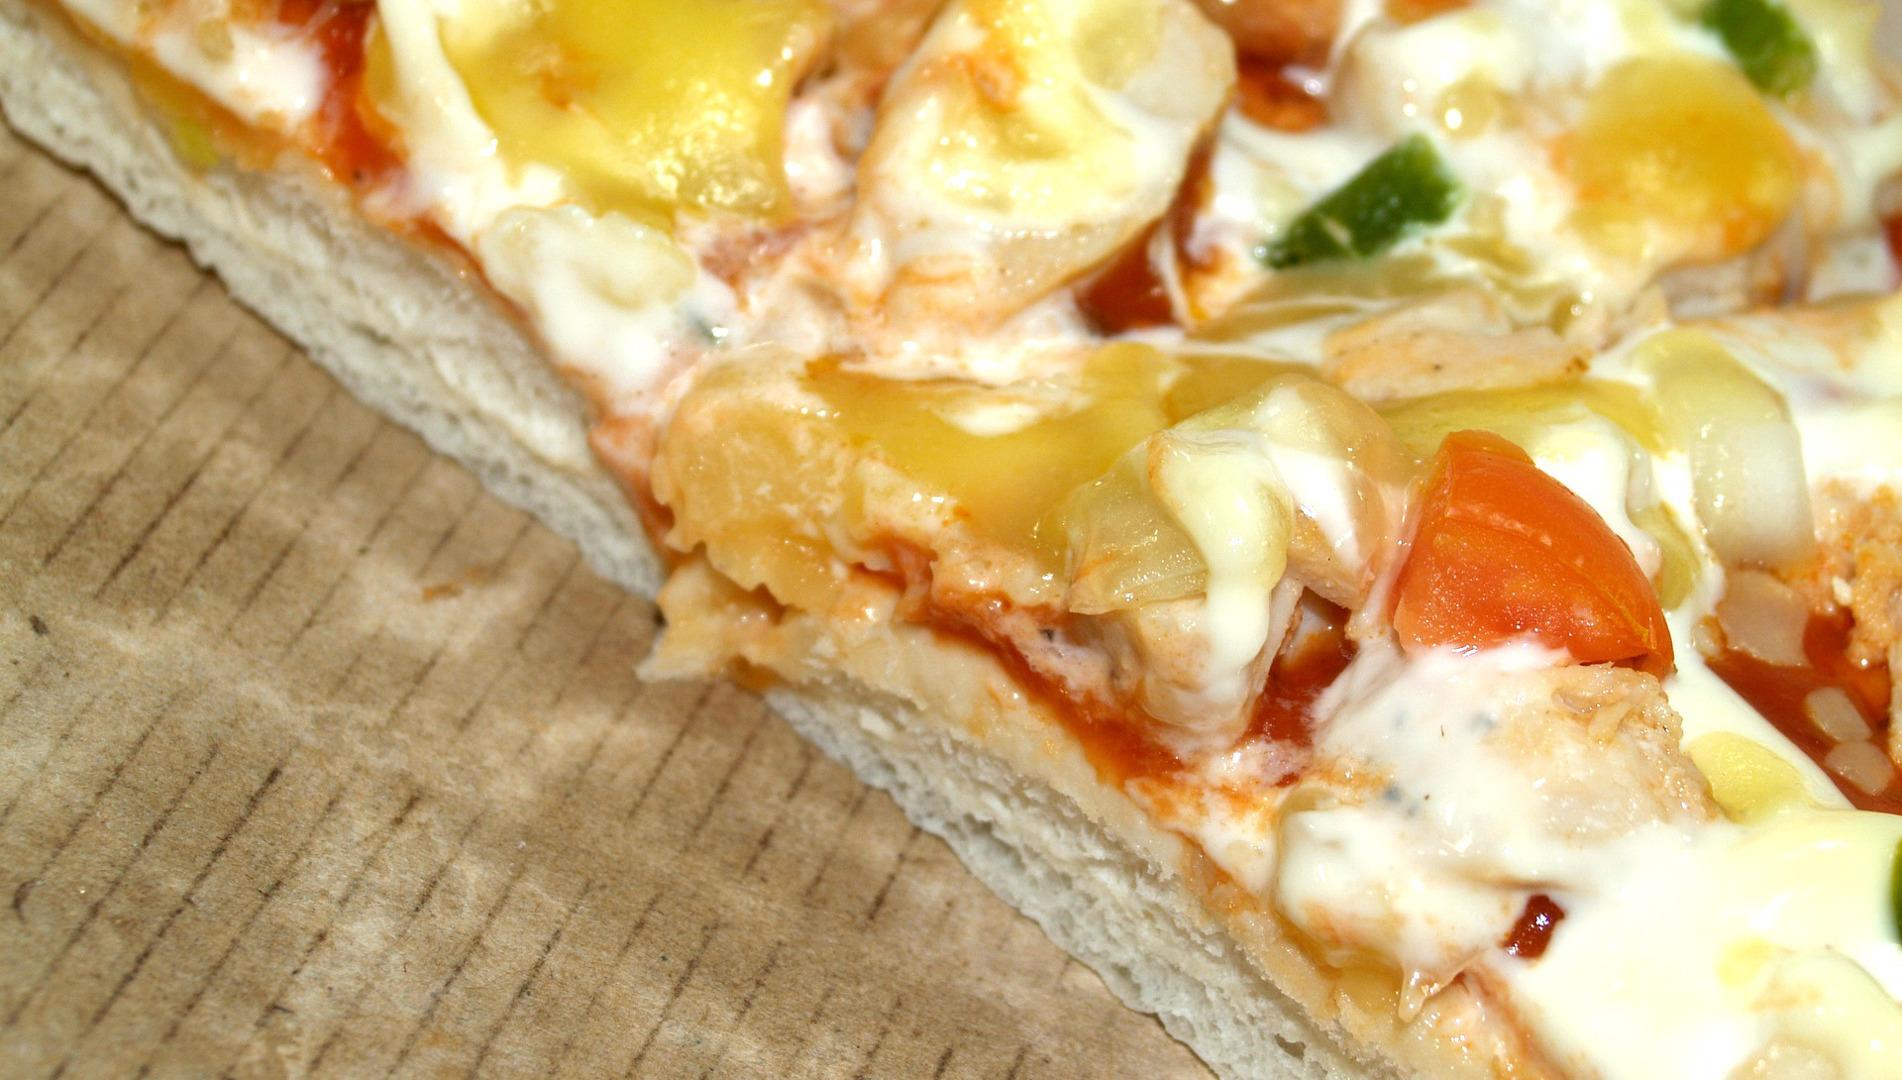 nuevo-record-guinness-la-pizza-mas-larga-del-mundo-1920